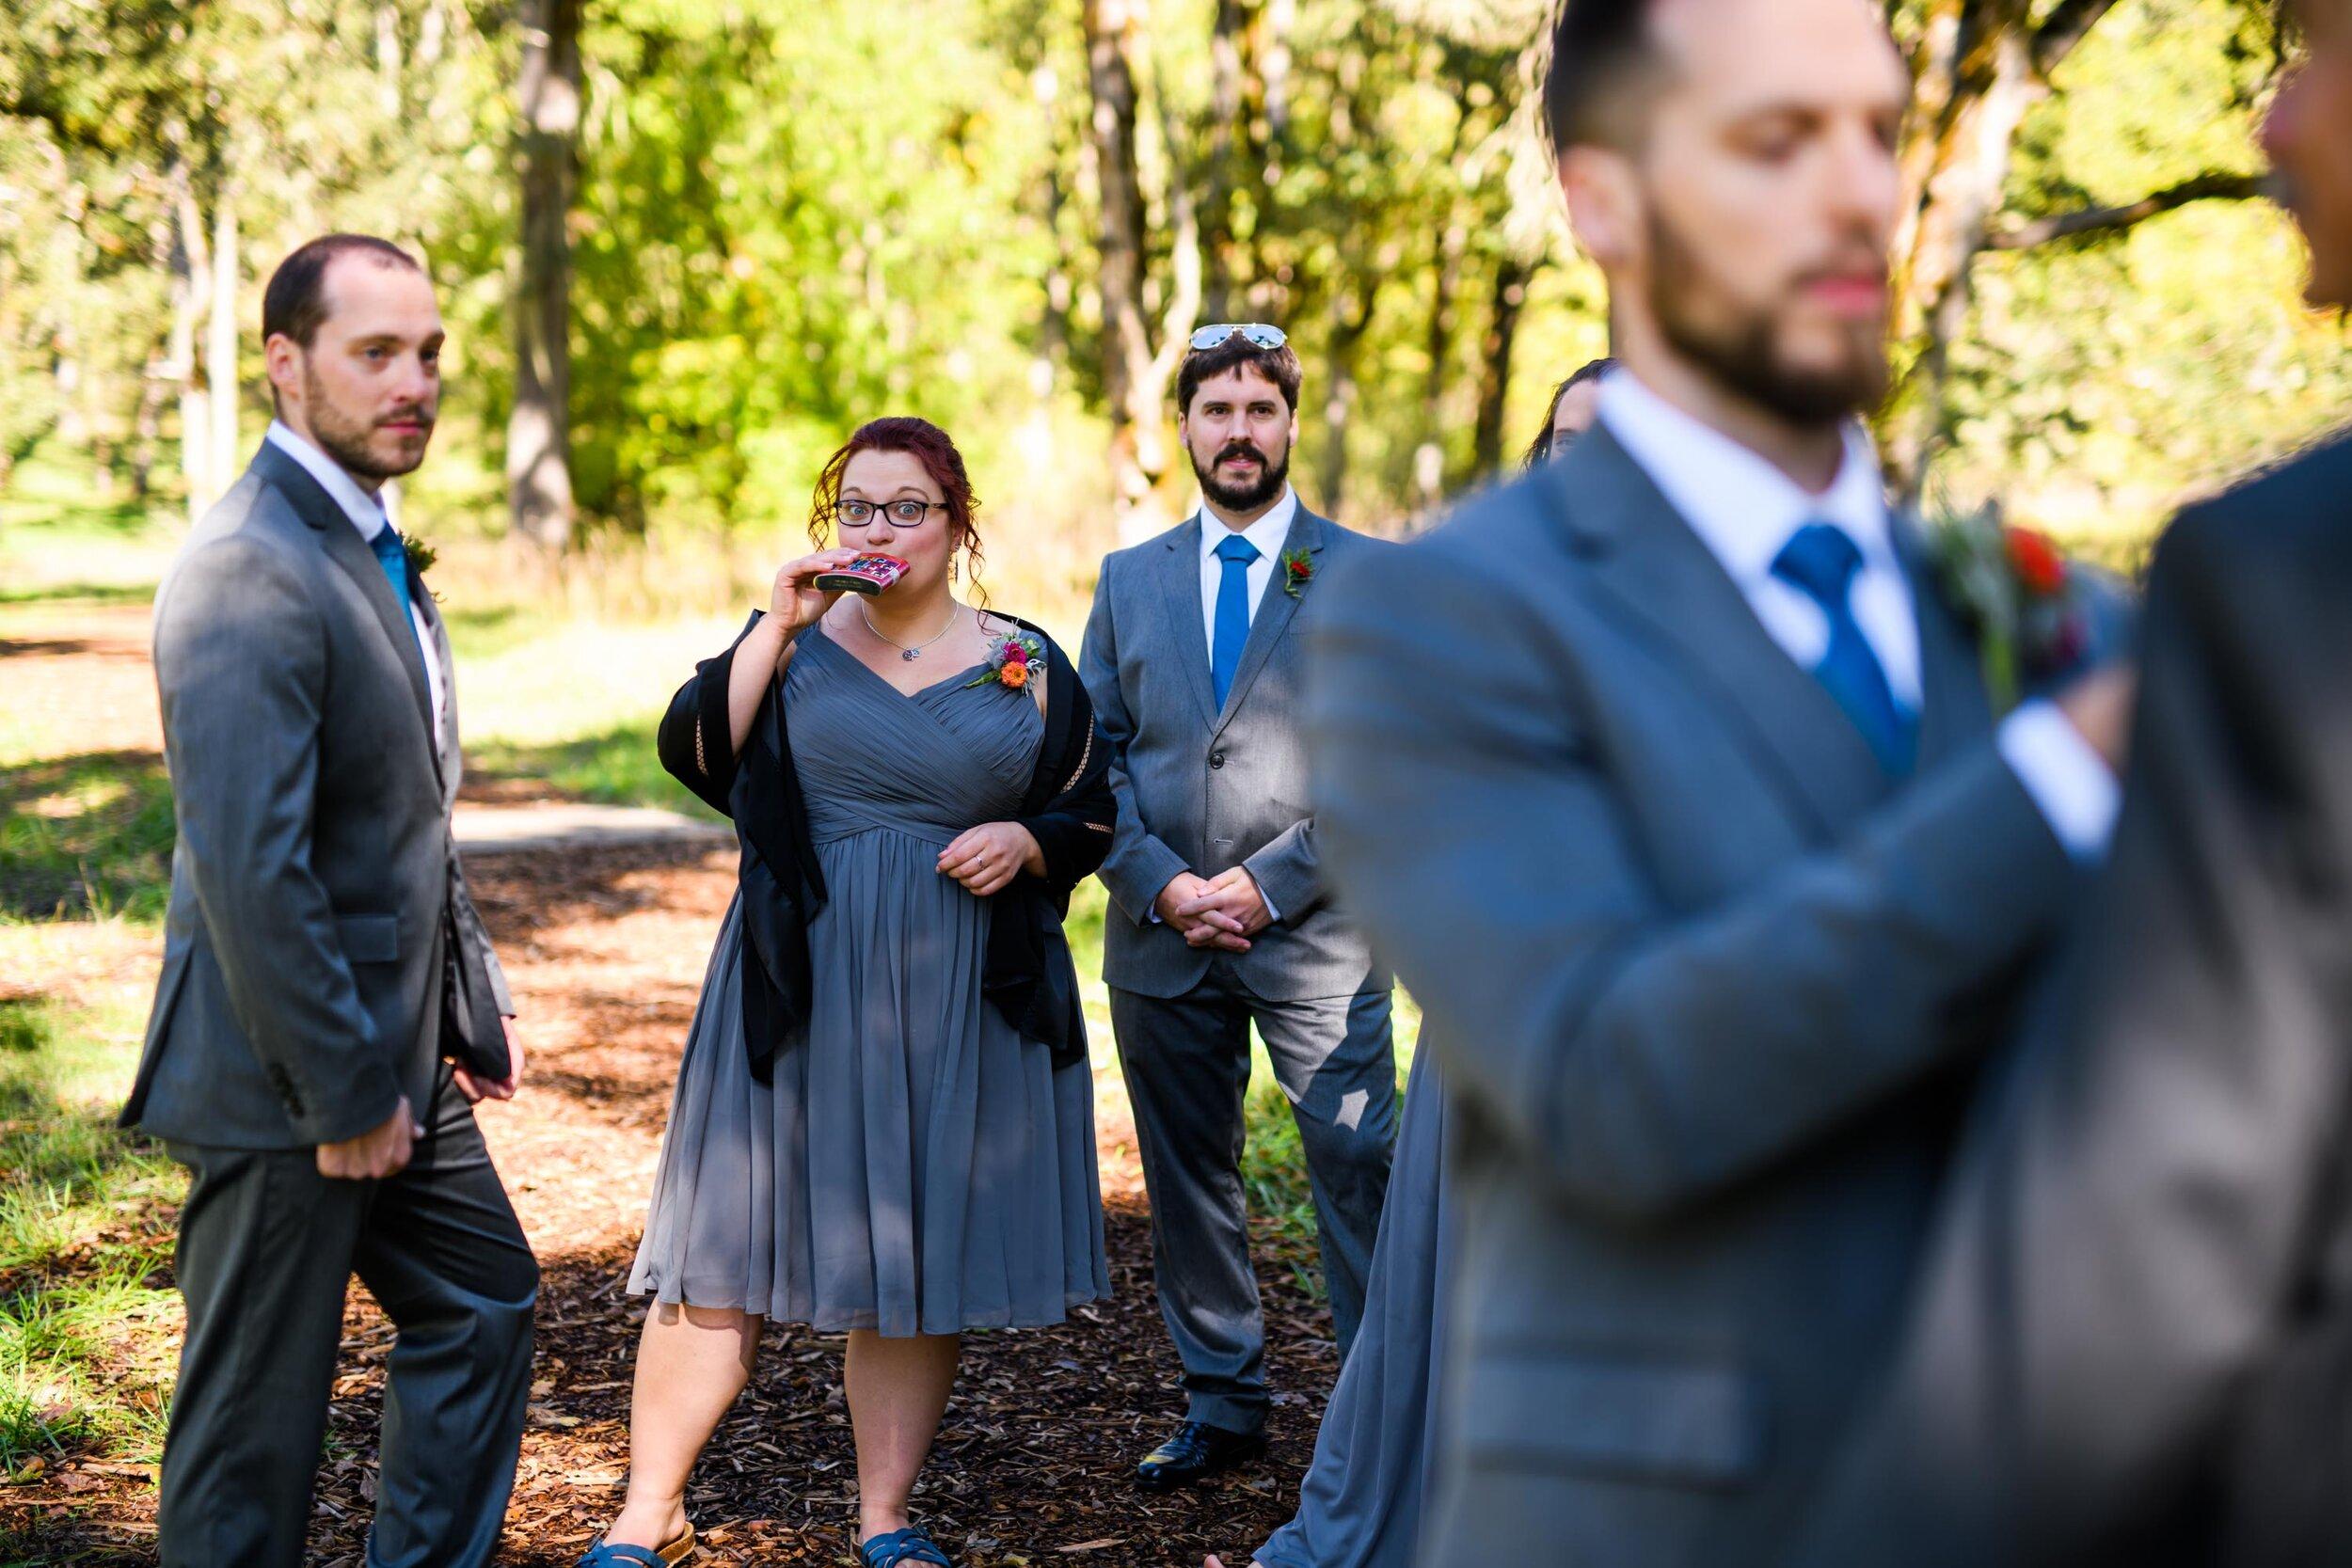 Mt. Pisgah Arboretum wedding photos 14.JPG